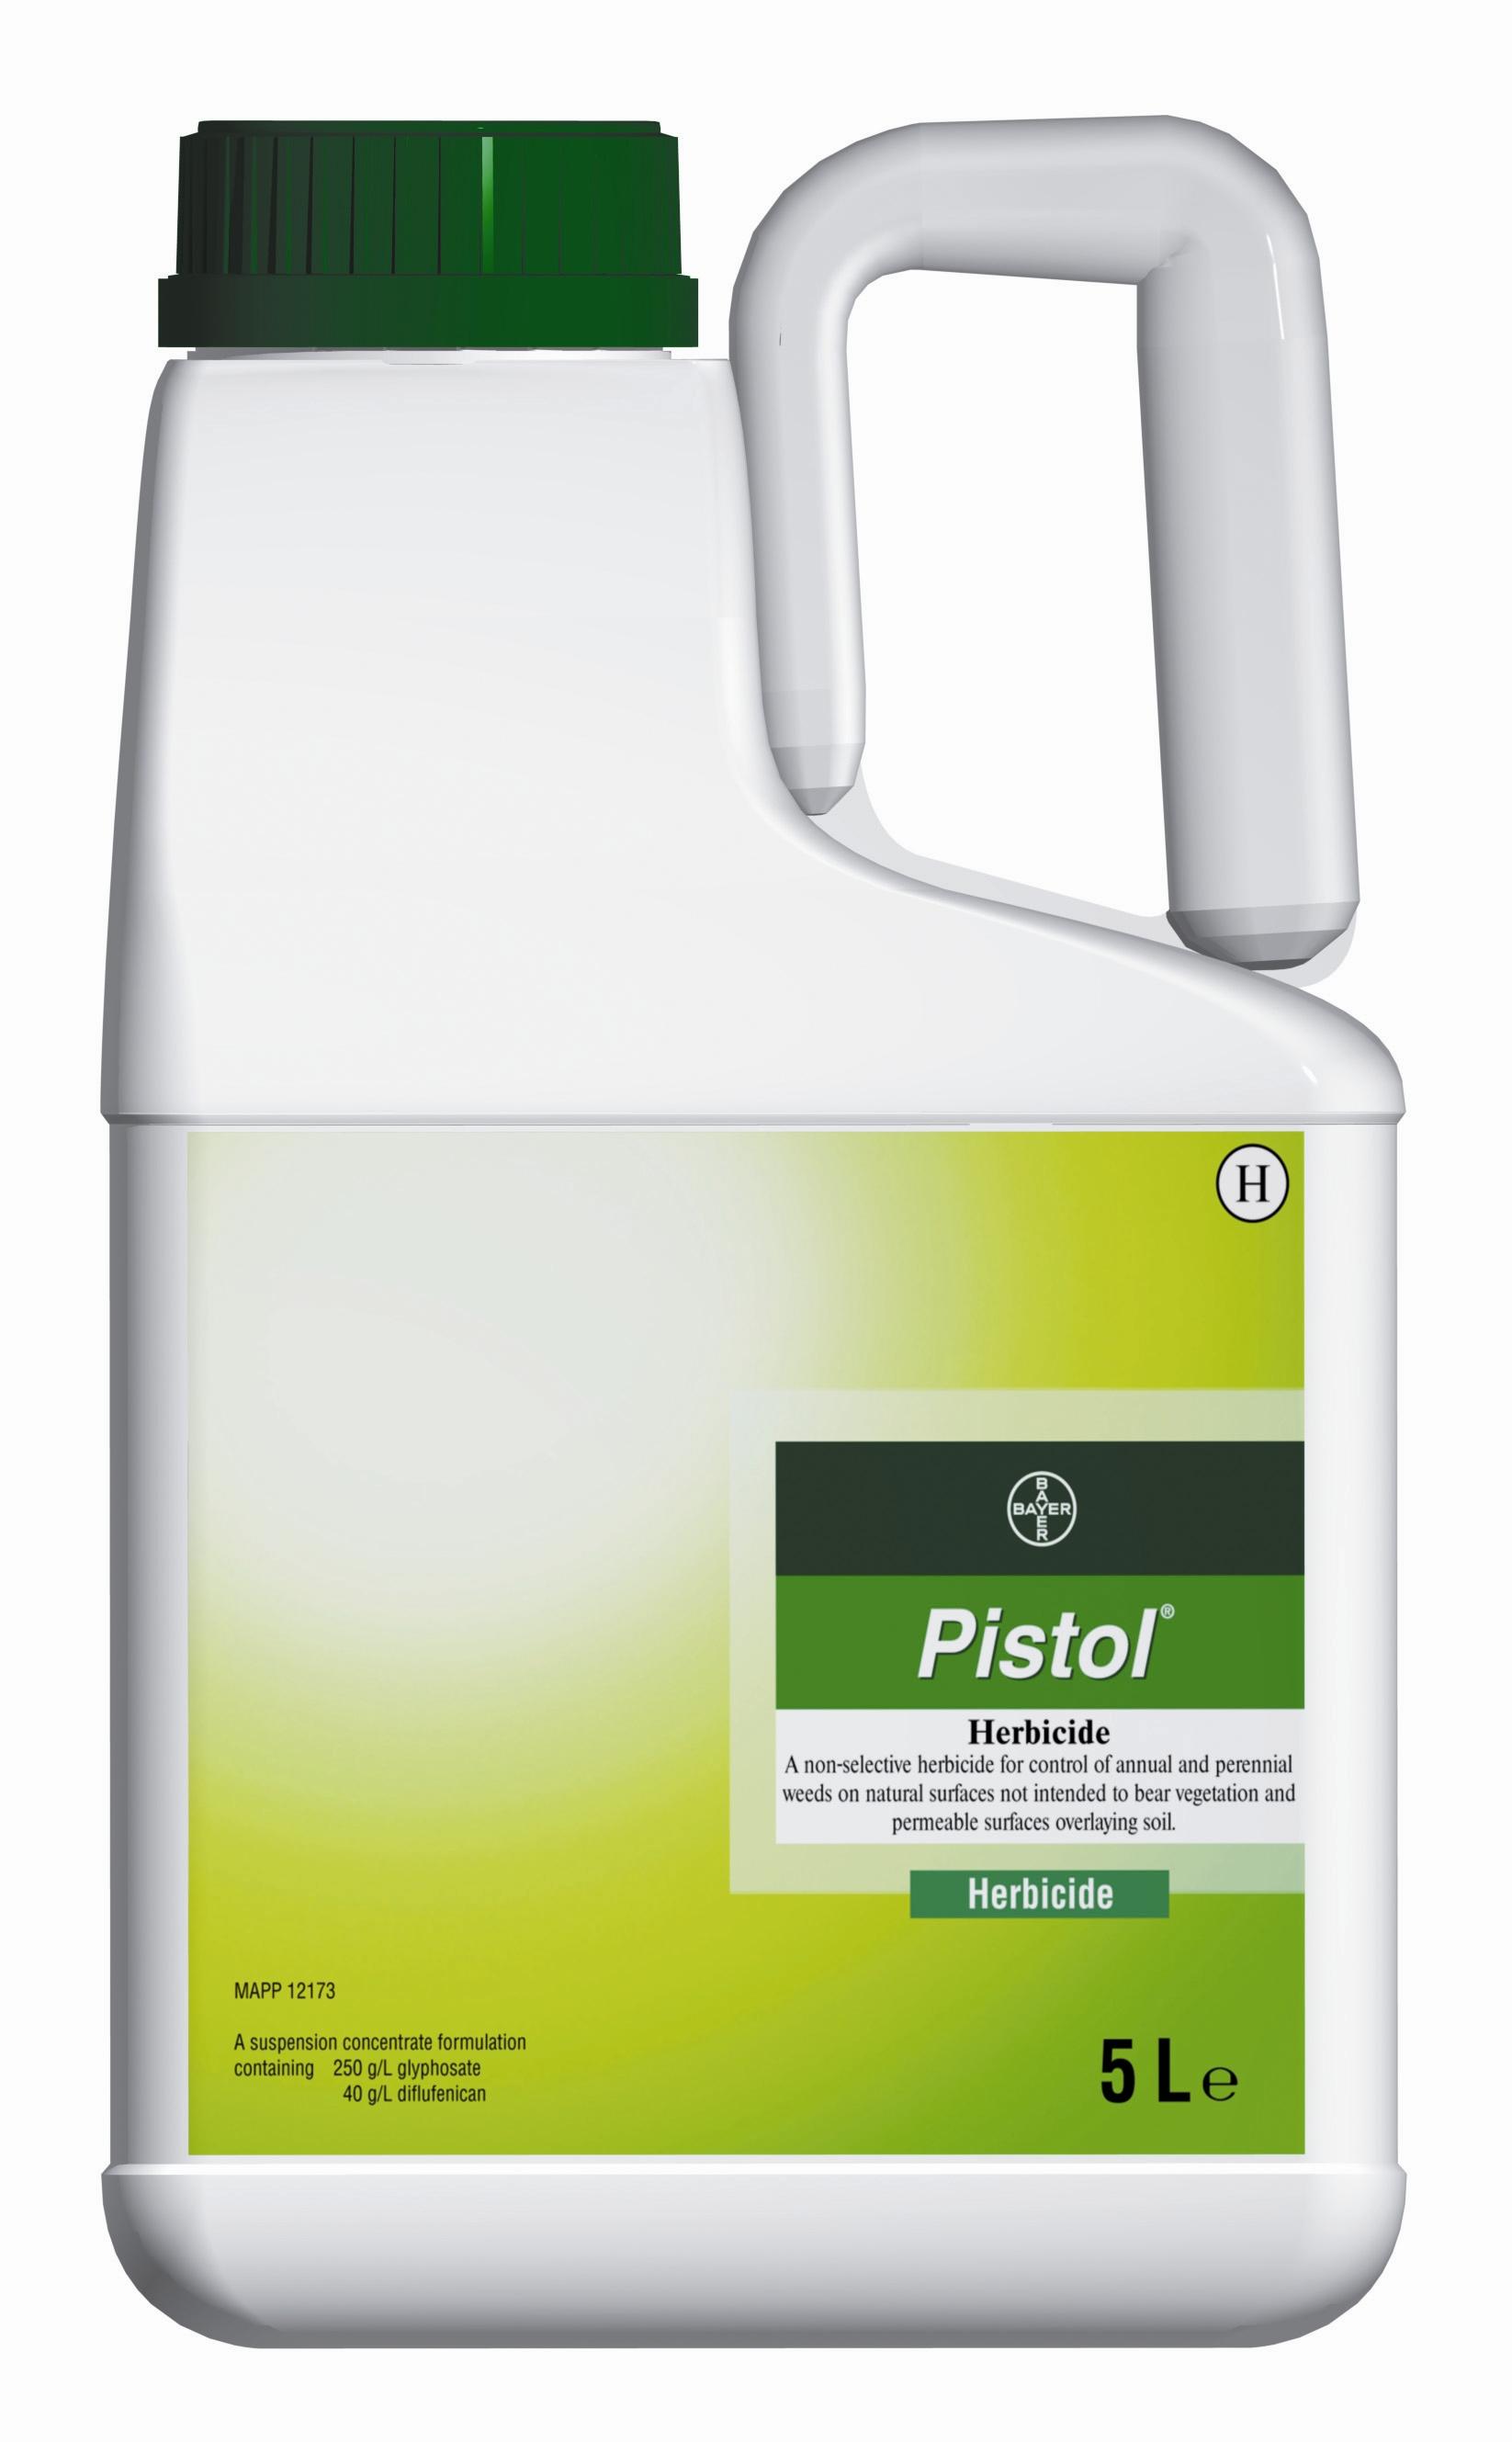 Pistol Herbicide